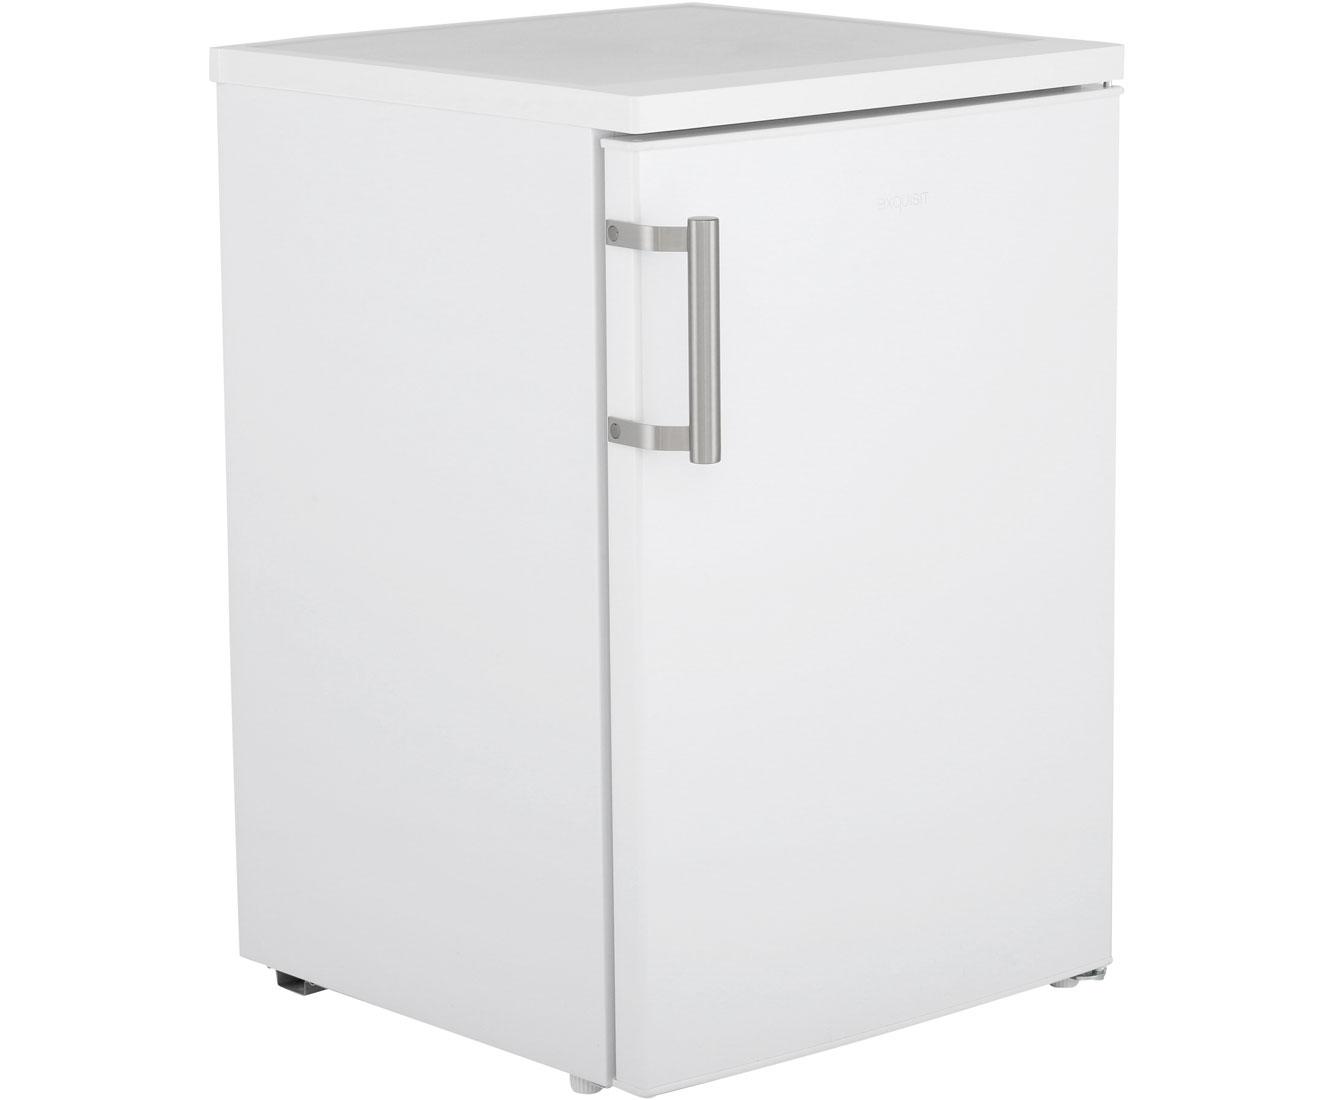 Kühlschrank Klemmschublade : Exquisit kühlschrank preisvergleich u die besten angebote online